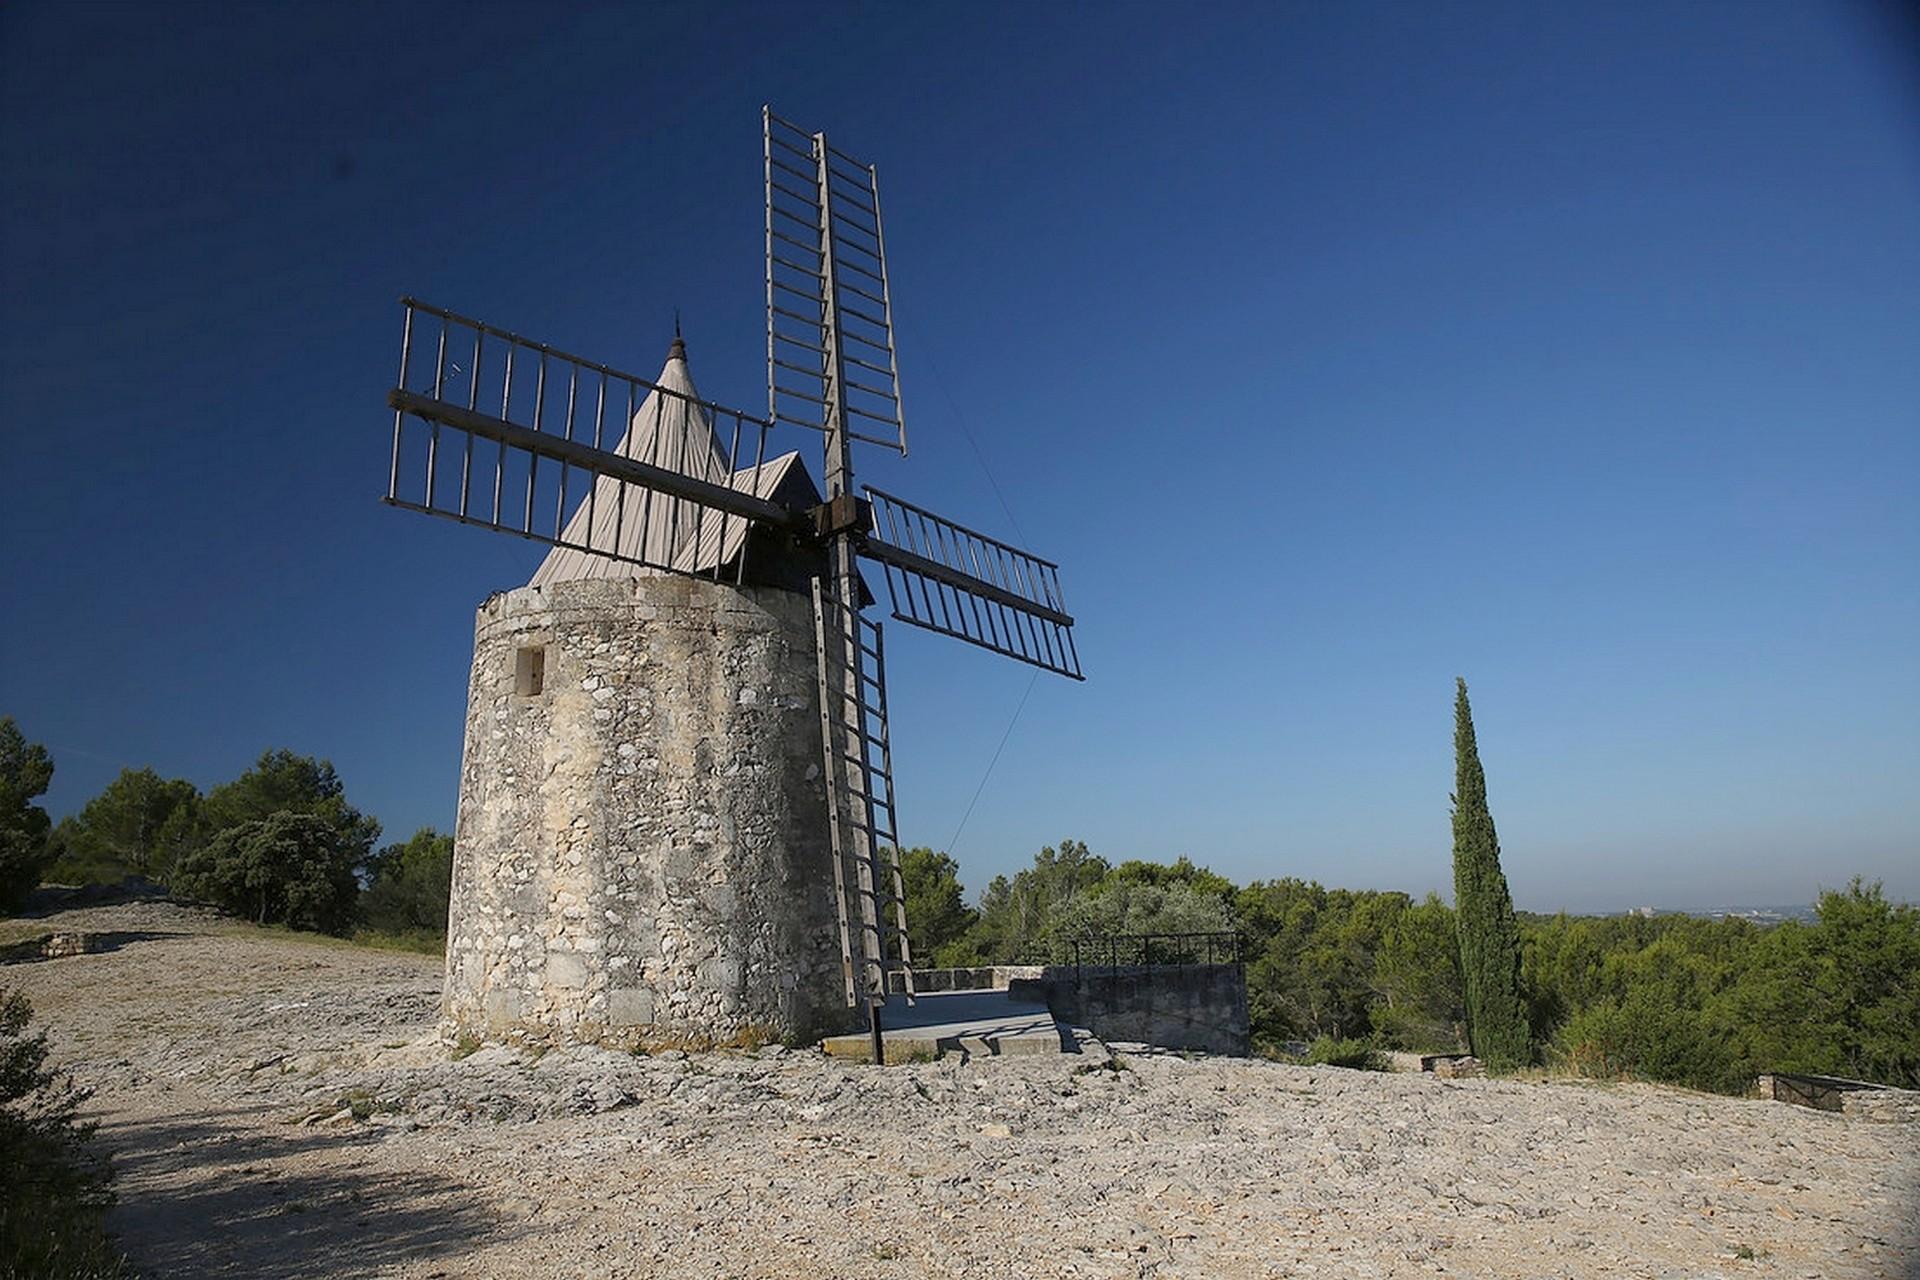 Le sentier des moulins d'Aphonse Daudet